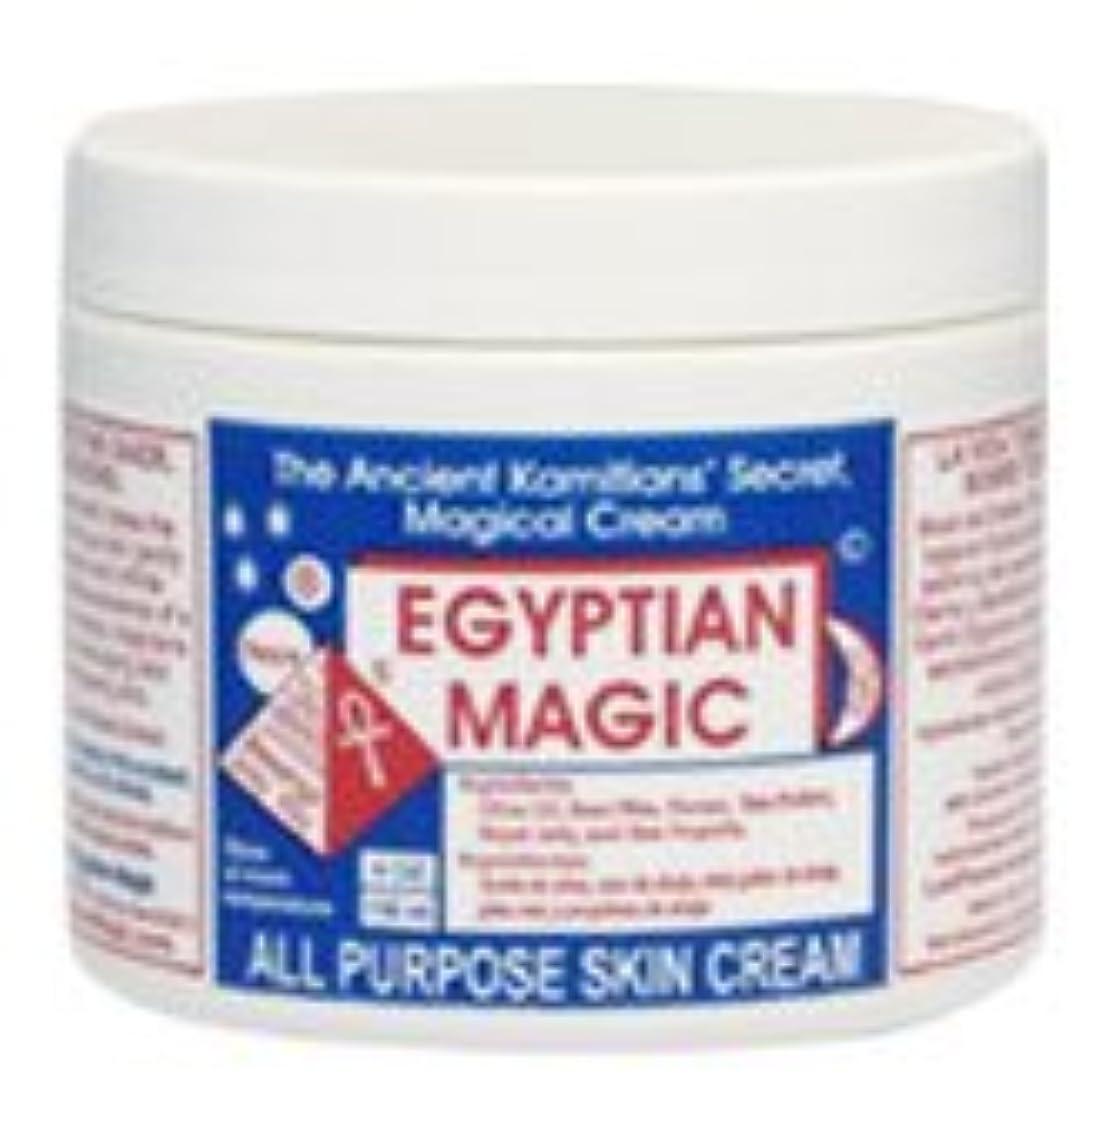 宴会思慮深い階下【EGYPTIAN Magic(エジプシャン マジック)】 EGYPTIAN MAGIC CREAM マジック クリーム 118ml